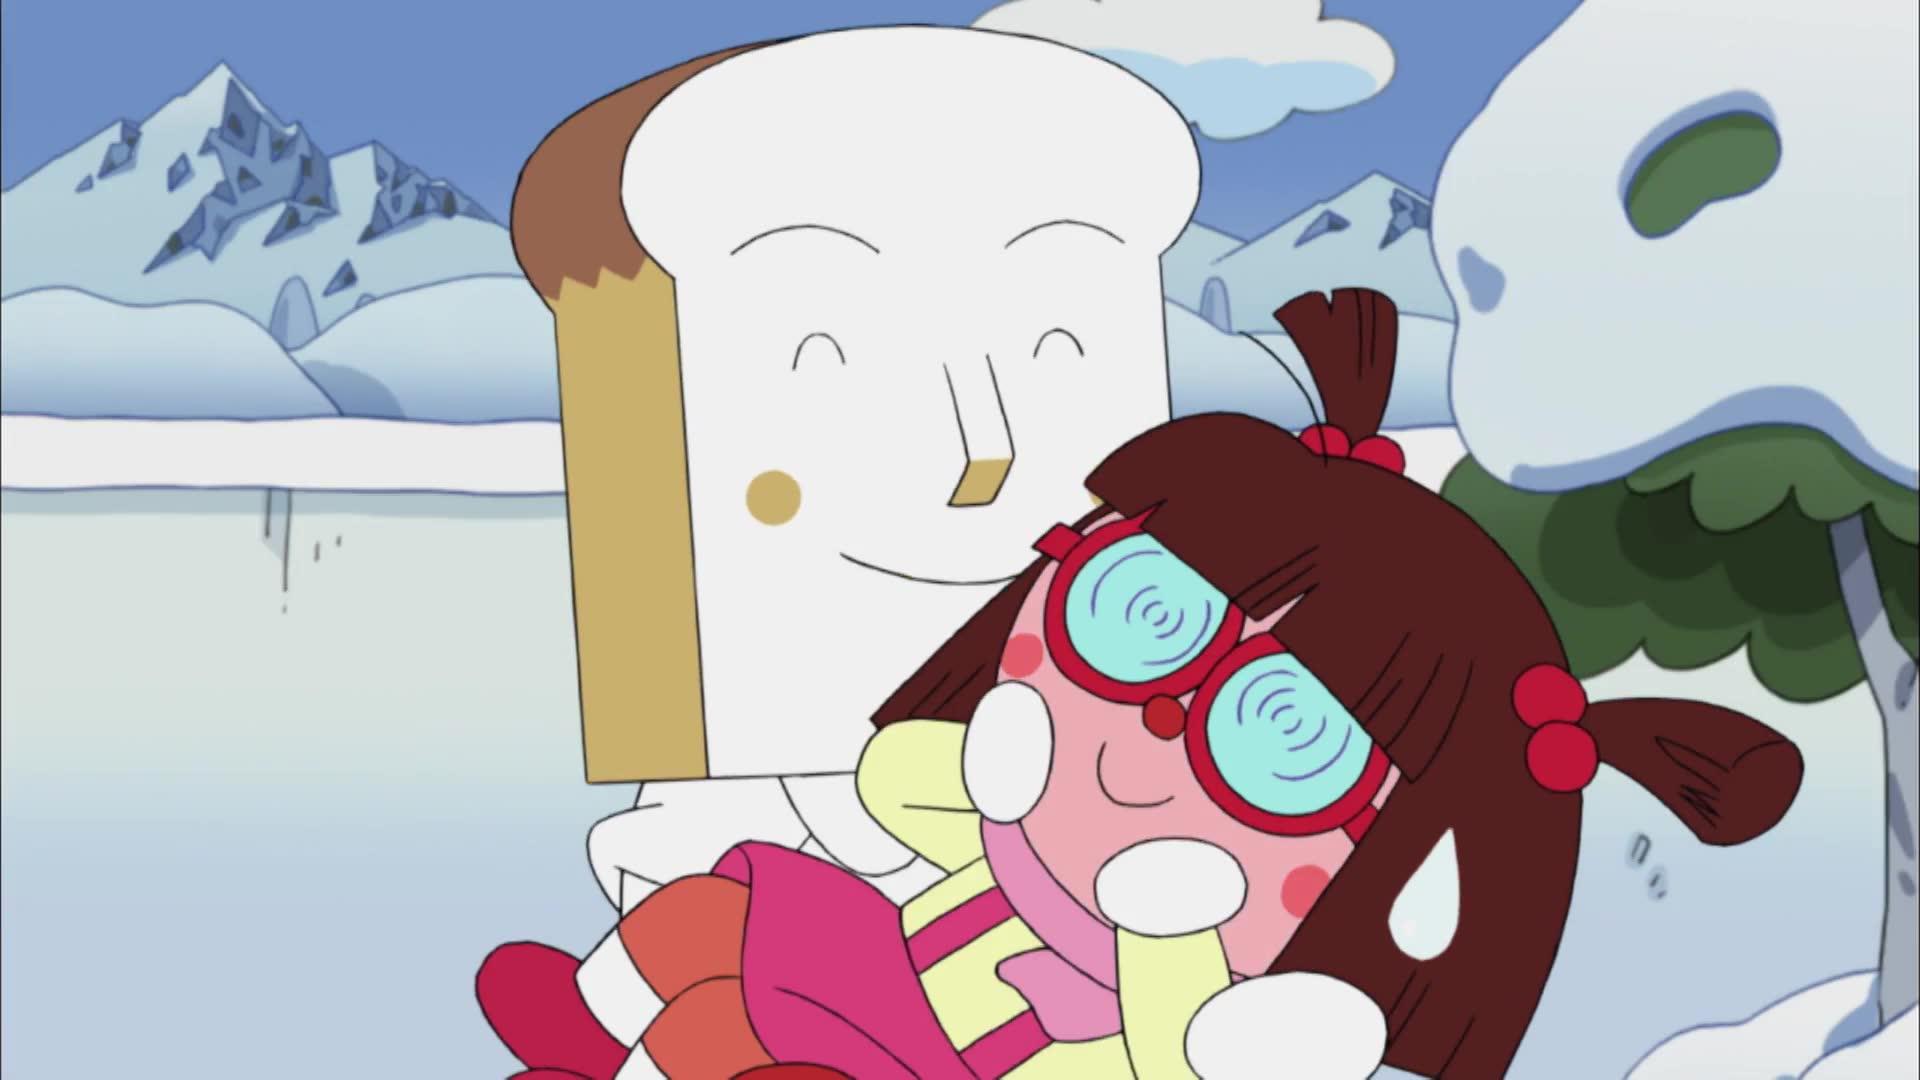 12화 식빵맨과 스튜아줌마